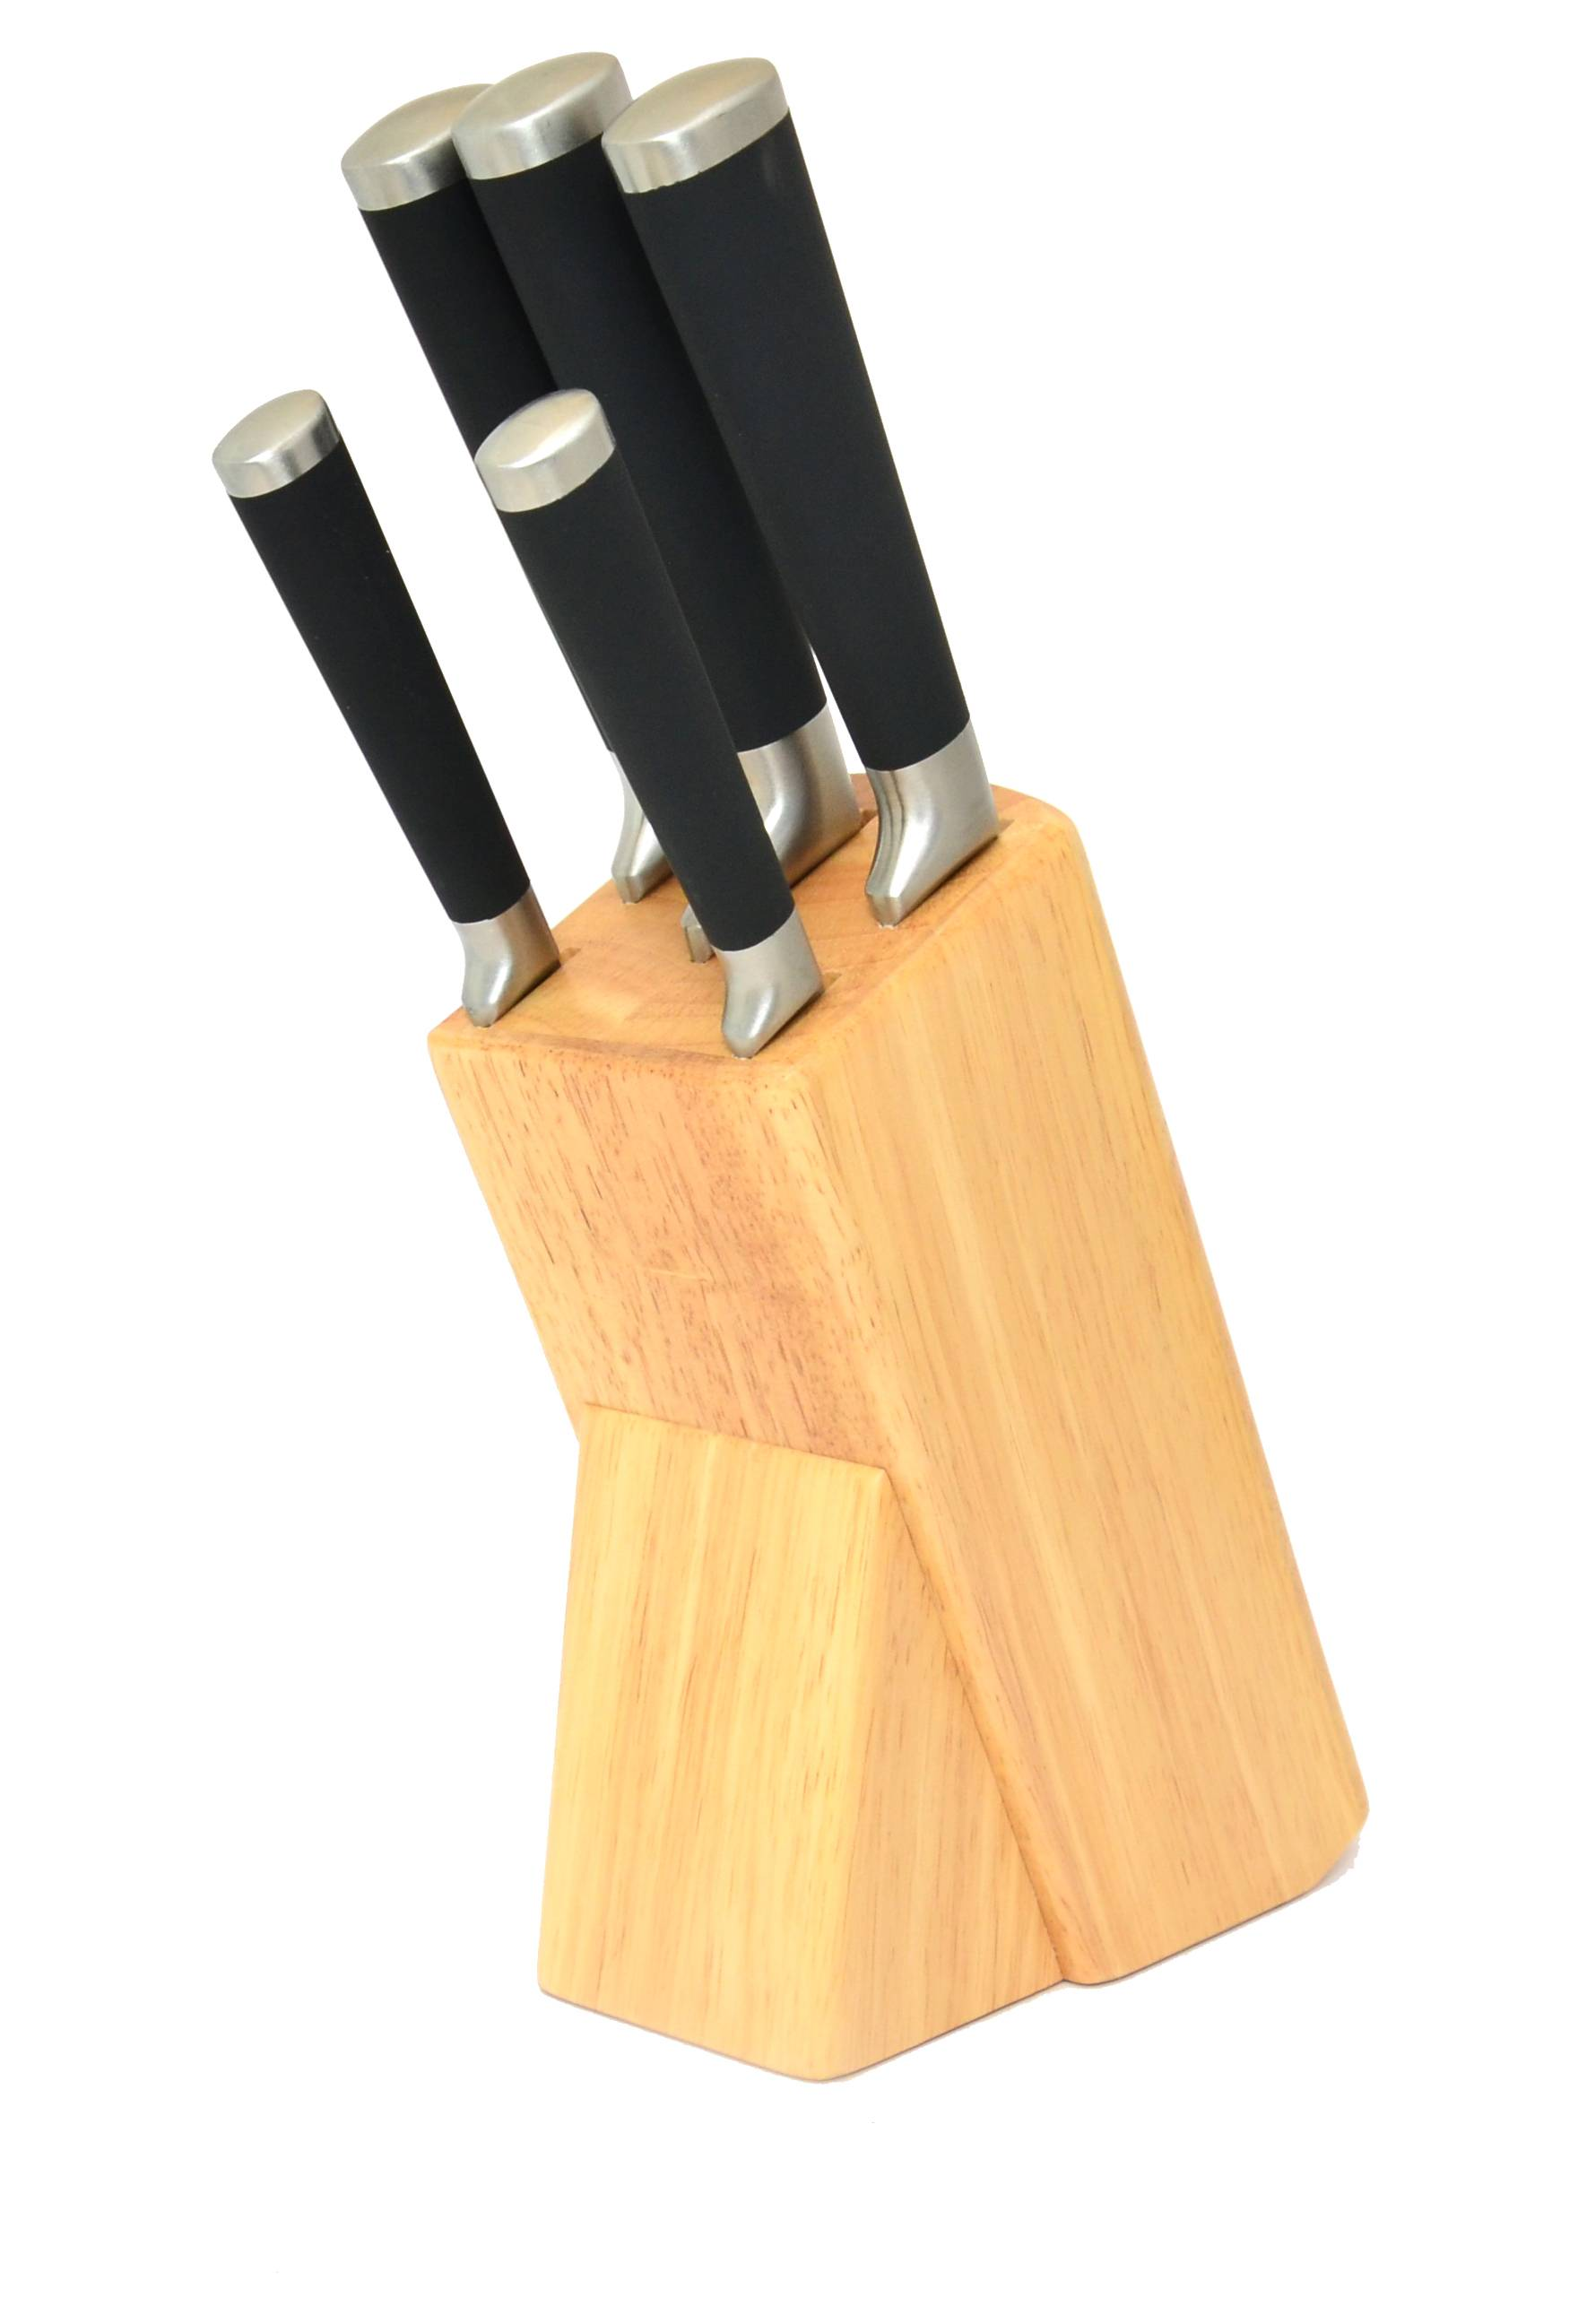 Blok s noži 6-dílný, vějíř - Fissler